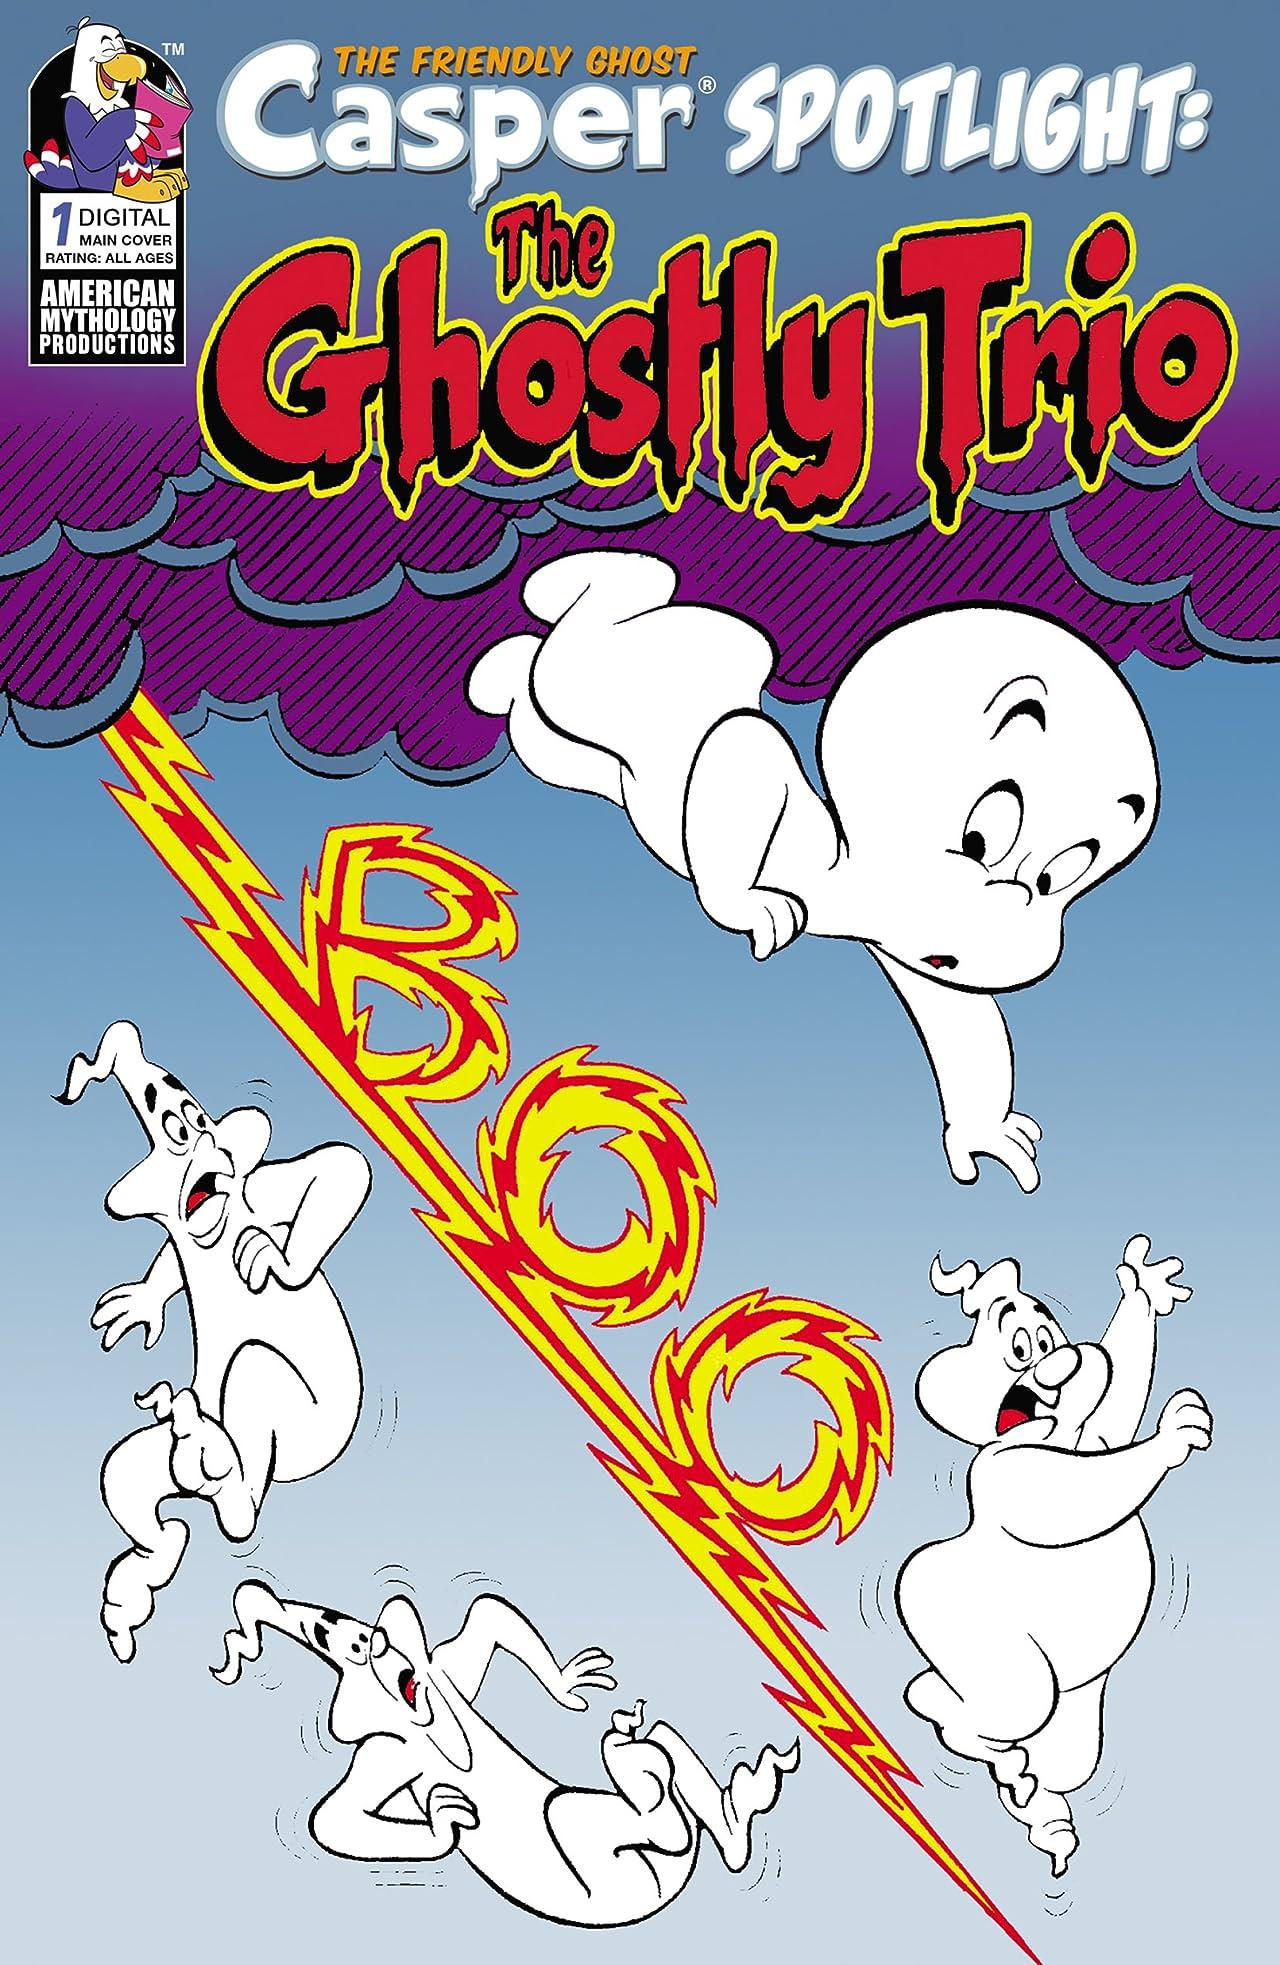 Casper Presents The Ghostly Trio No.1